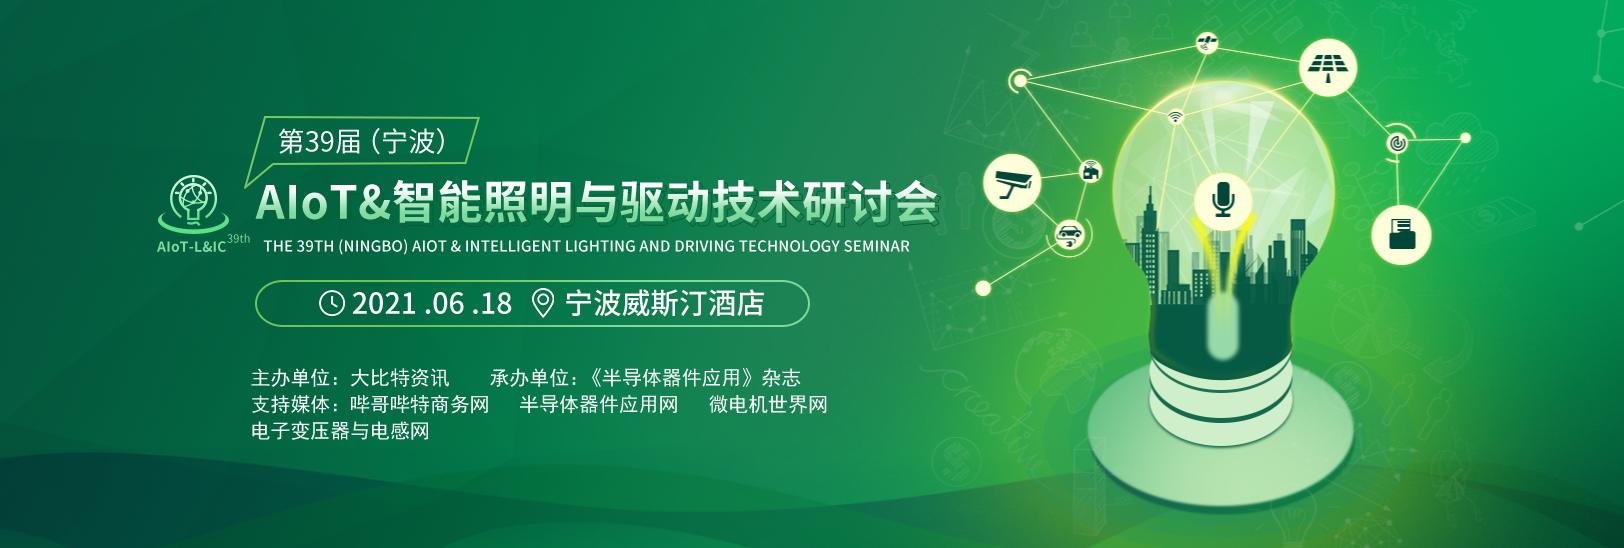 第39届(宁波)AIoT&智能照明与驱动技术研讨会(简称AIoT-L&IC39th)